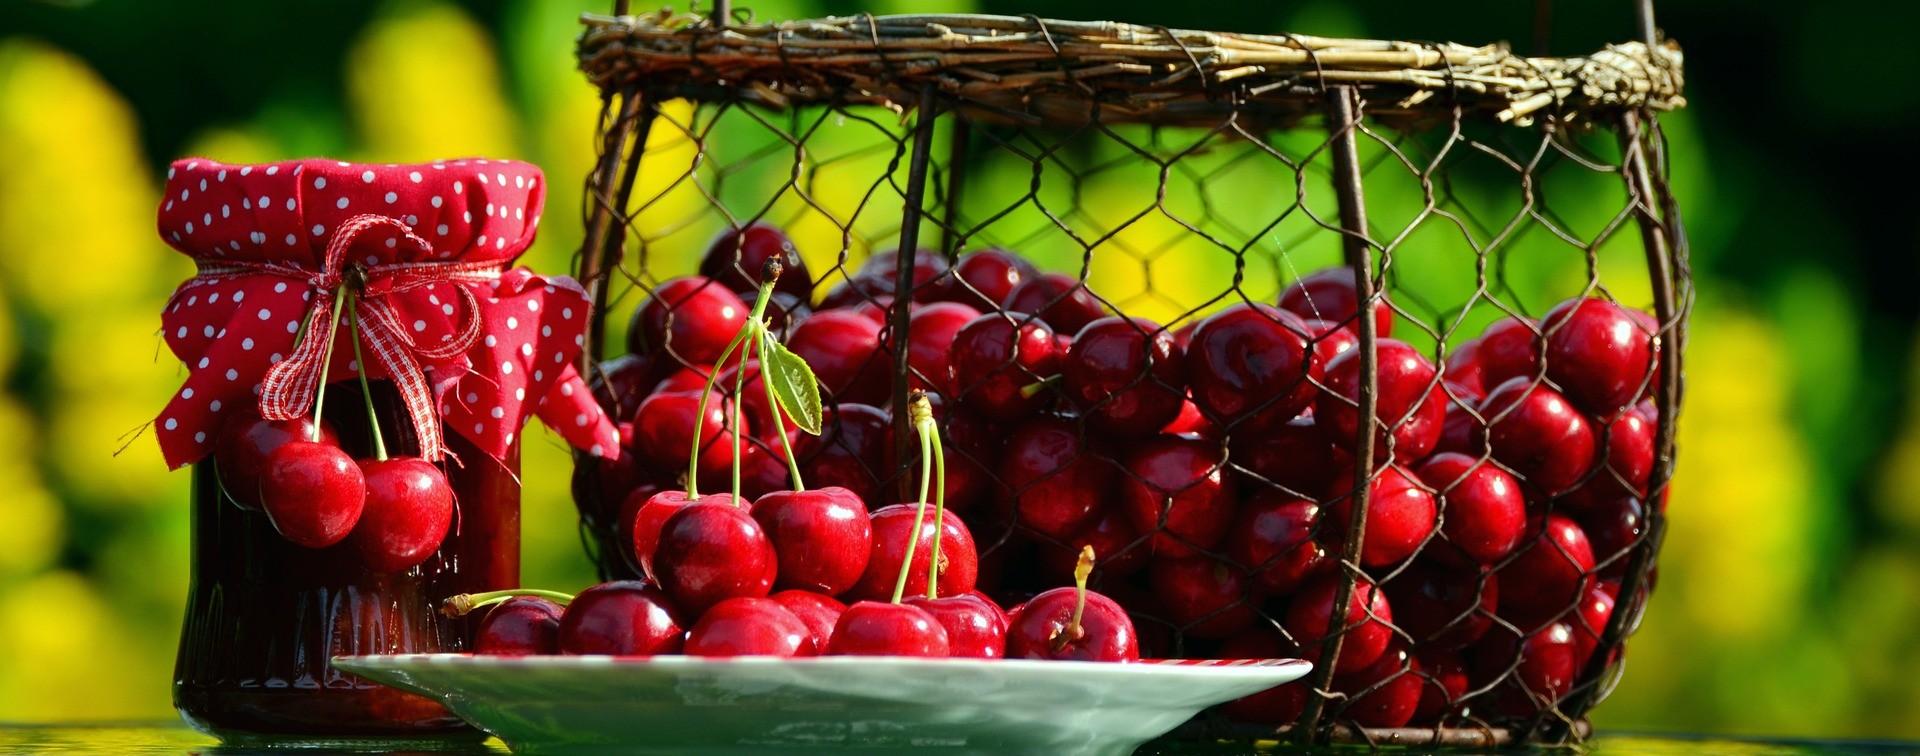 Acquistabili on line le nostre marmellate e confetture naturali